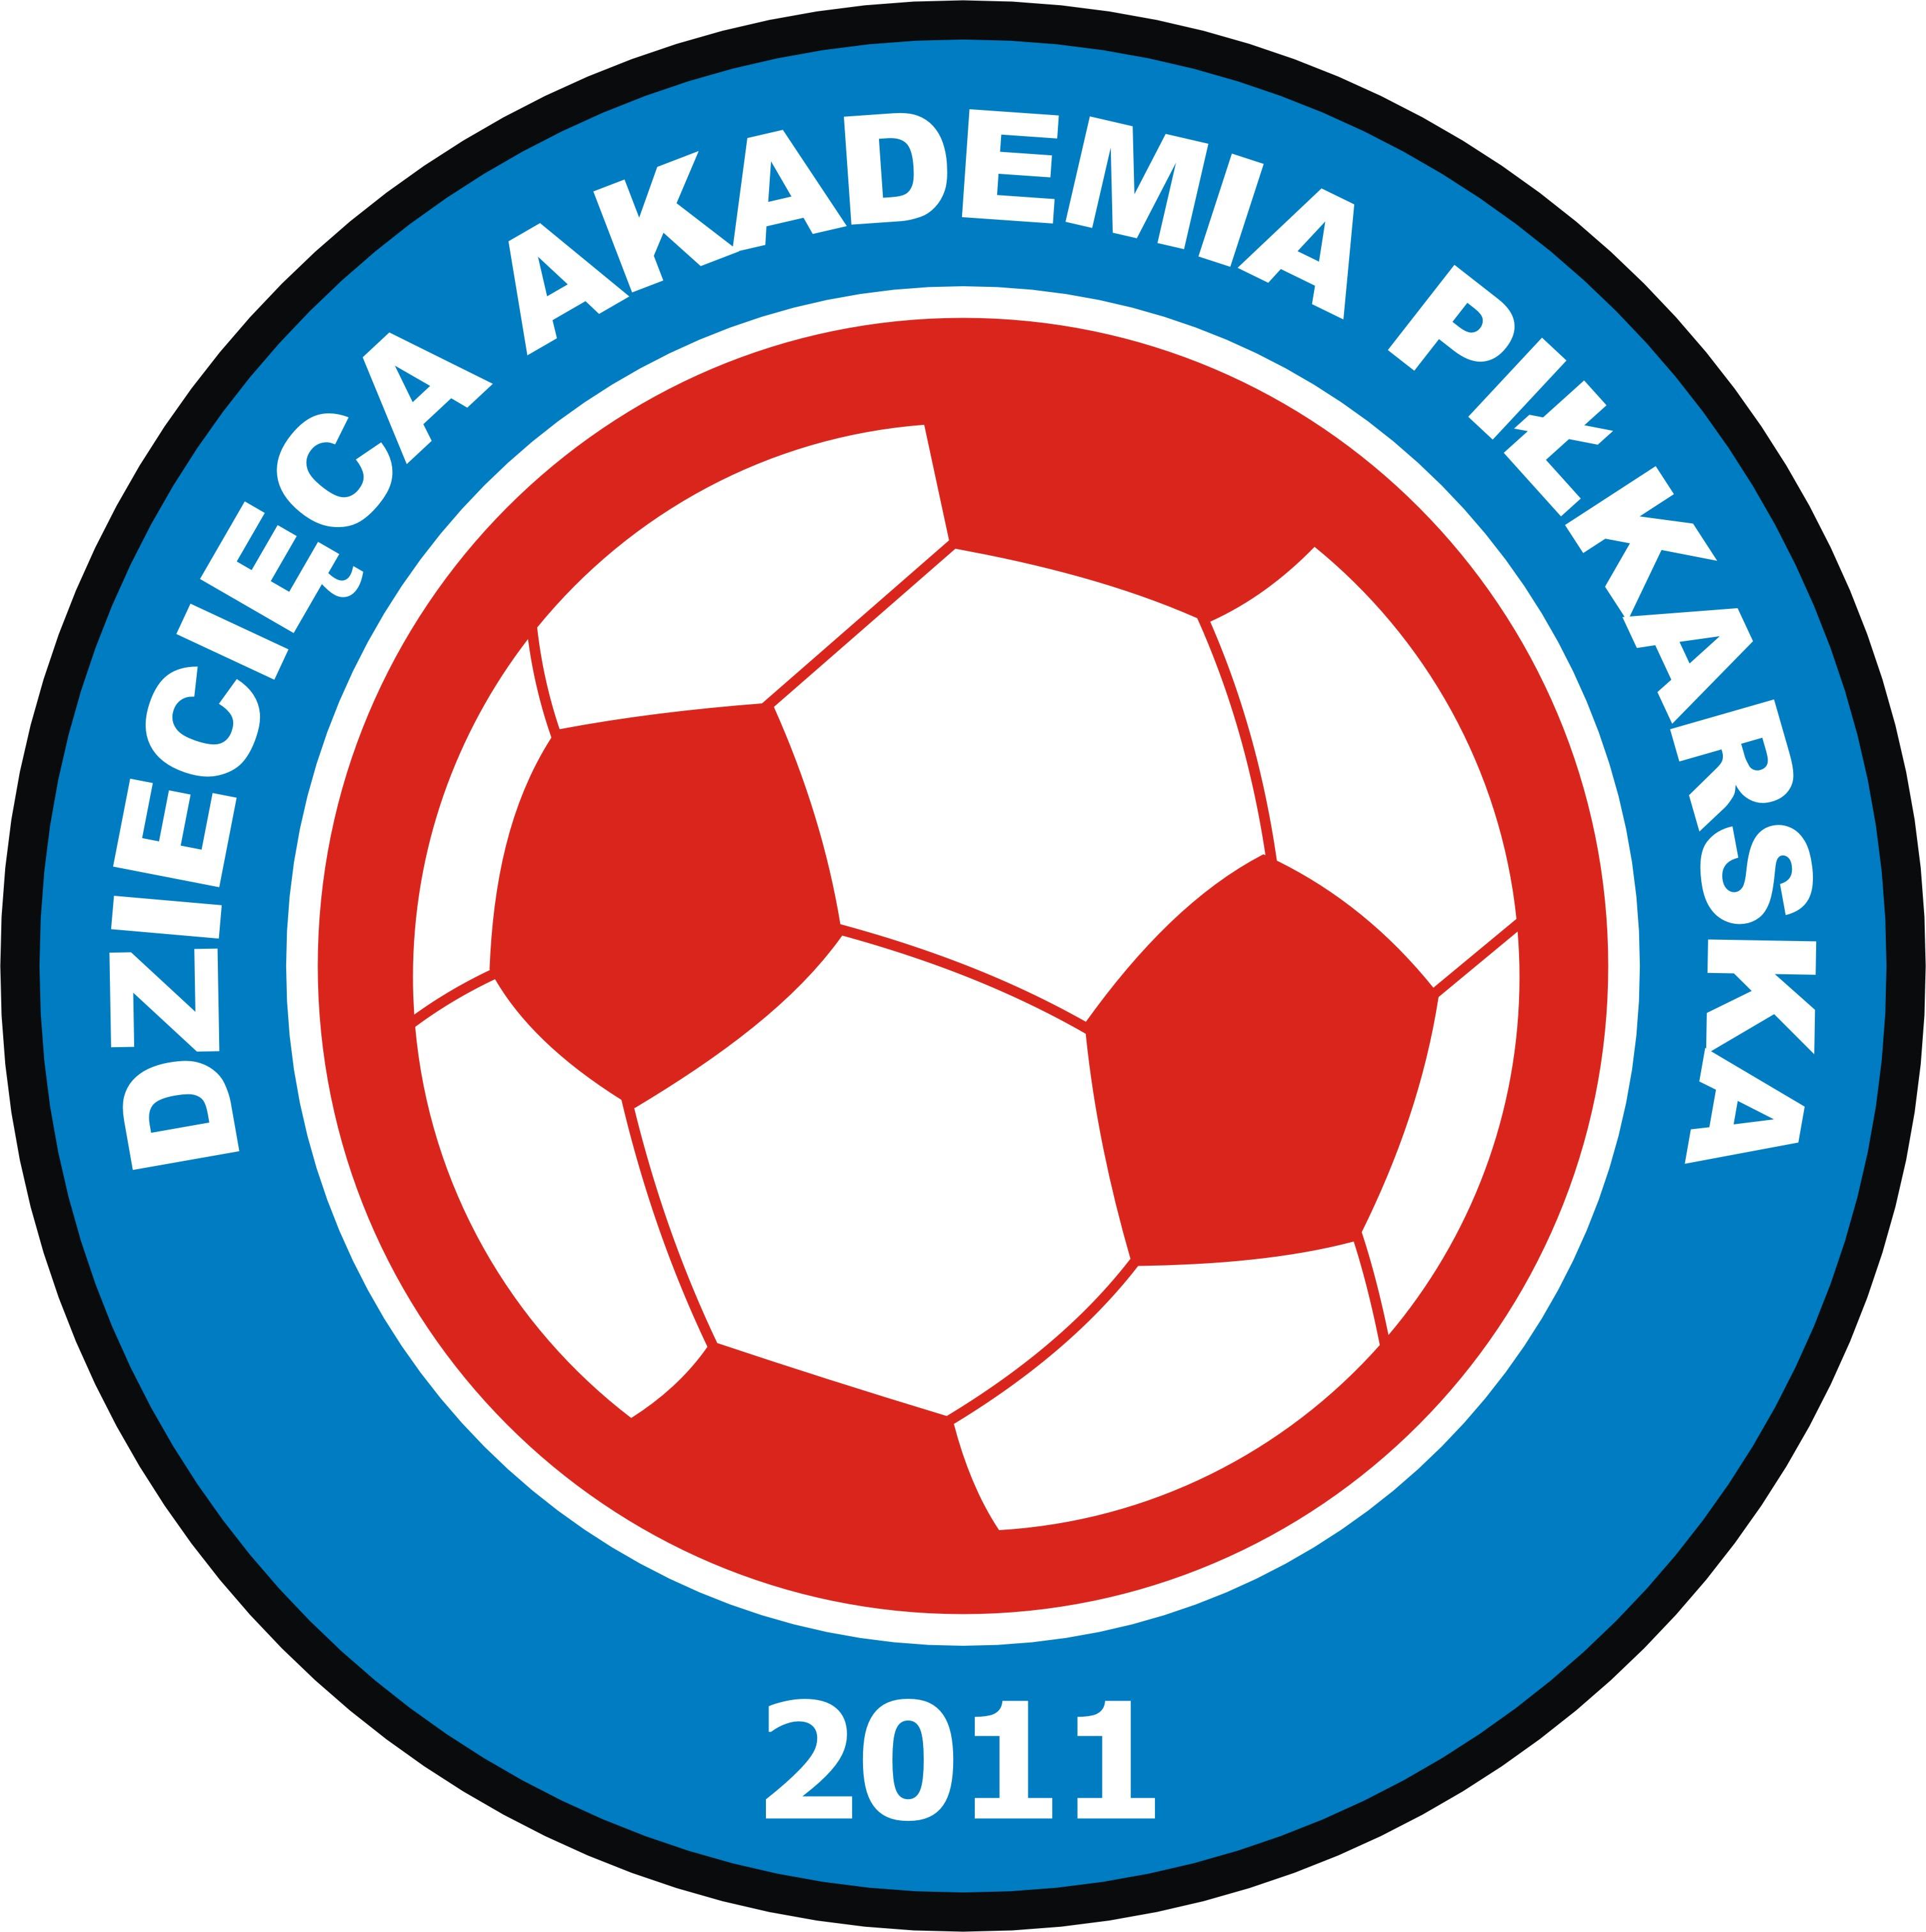 Dziecięca Akademia Piłkarska